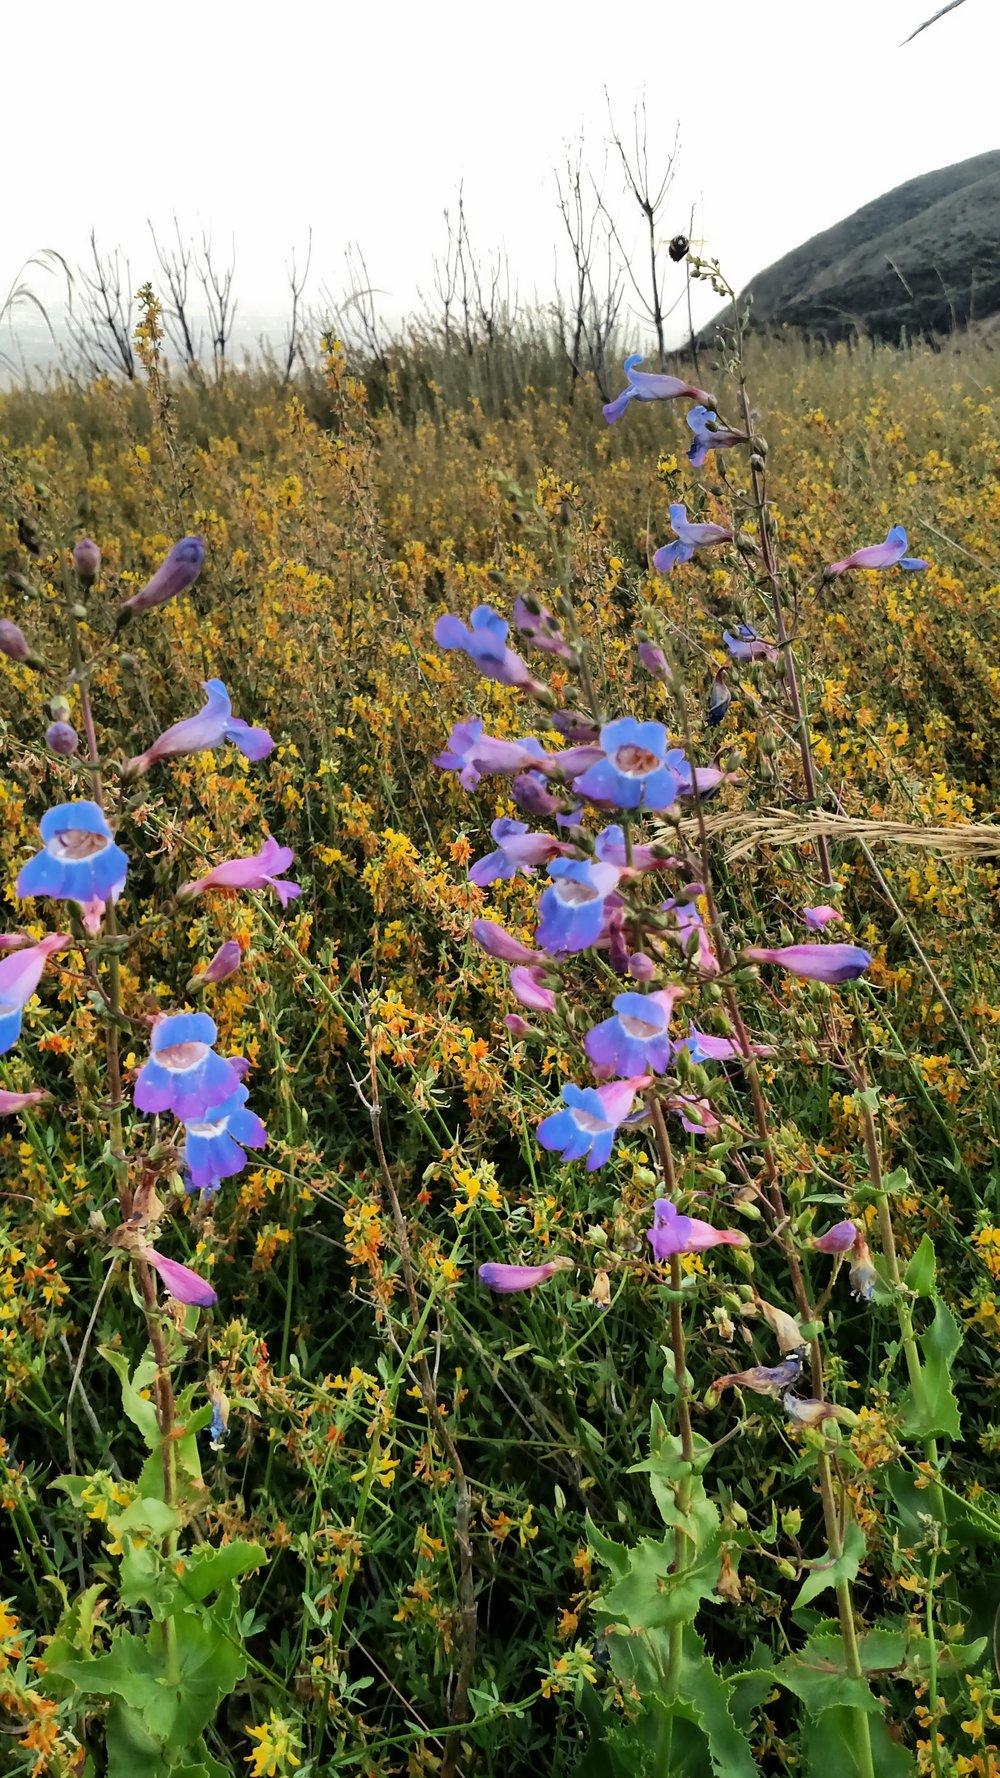 Photo by Micah Tasaka at Etiwanda Preserve, Rancho Cucamonga, CA.